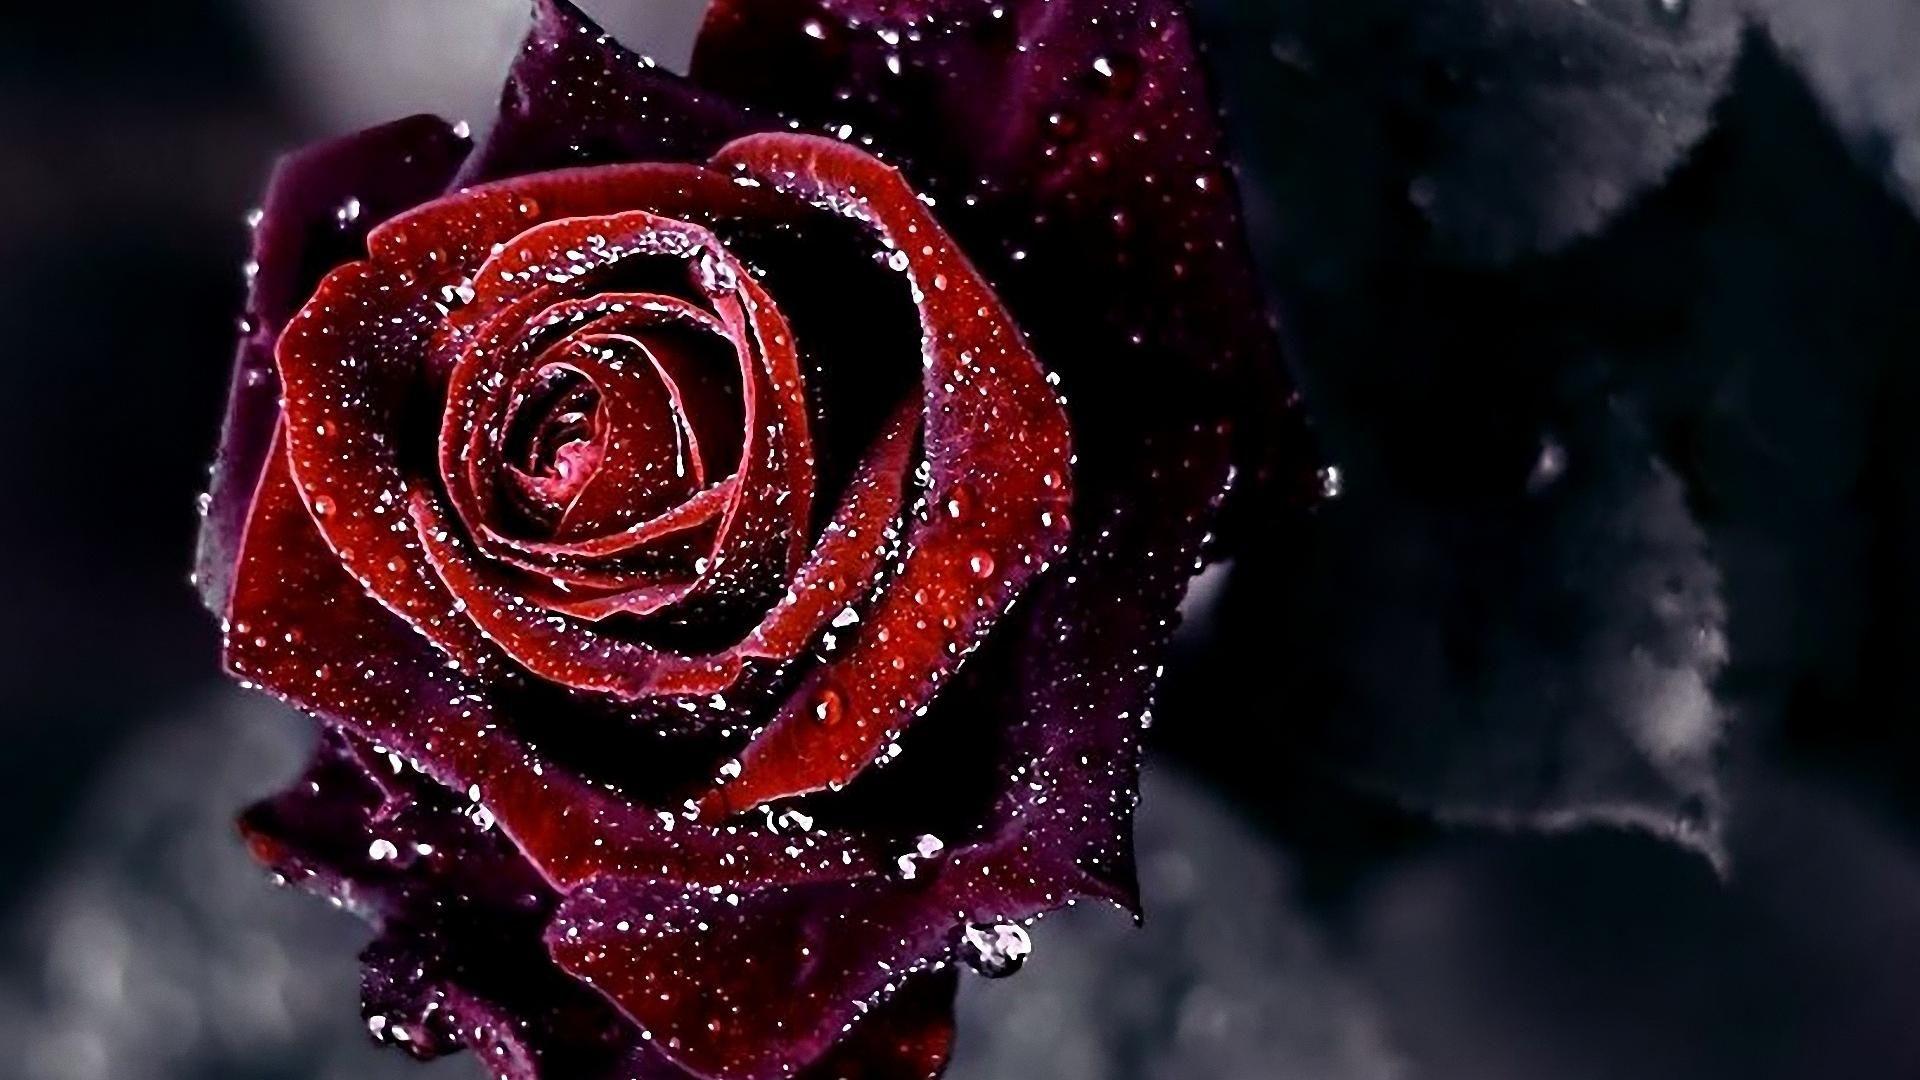 Red Flowers Wallpaper Hd 1 In 2019 Rose Flower Wallpaper